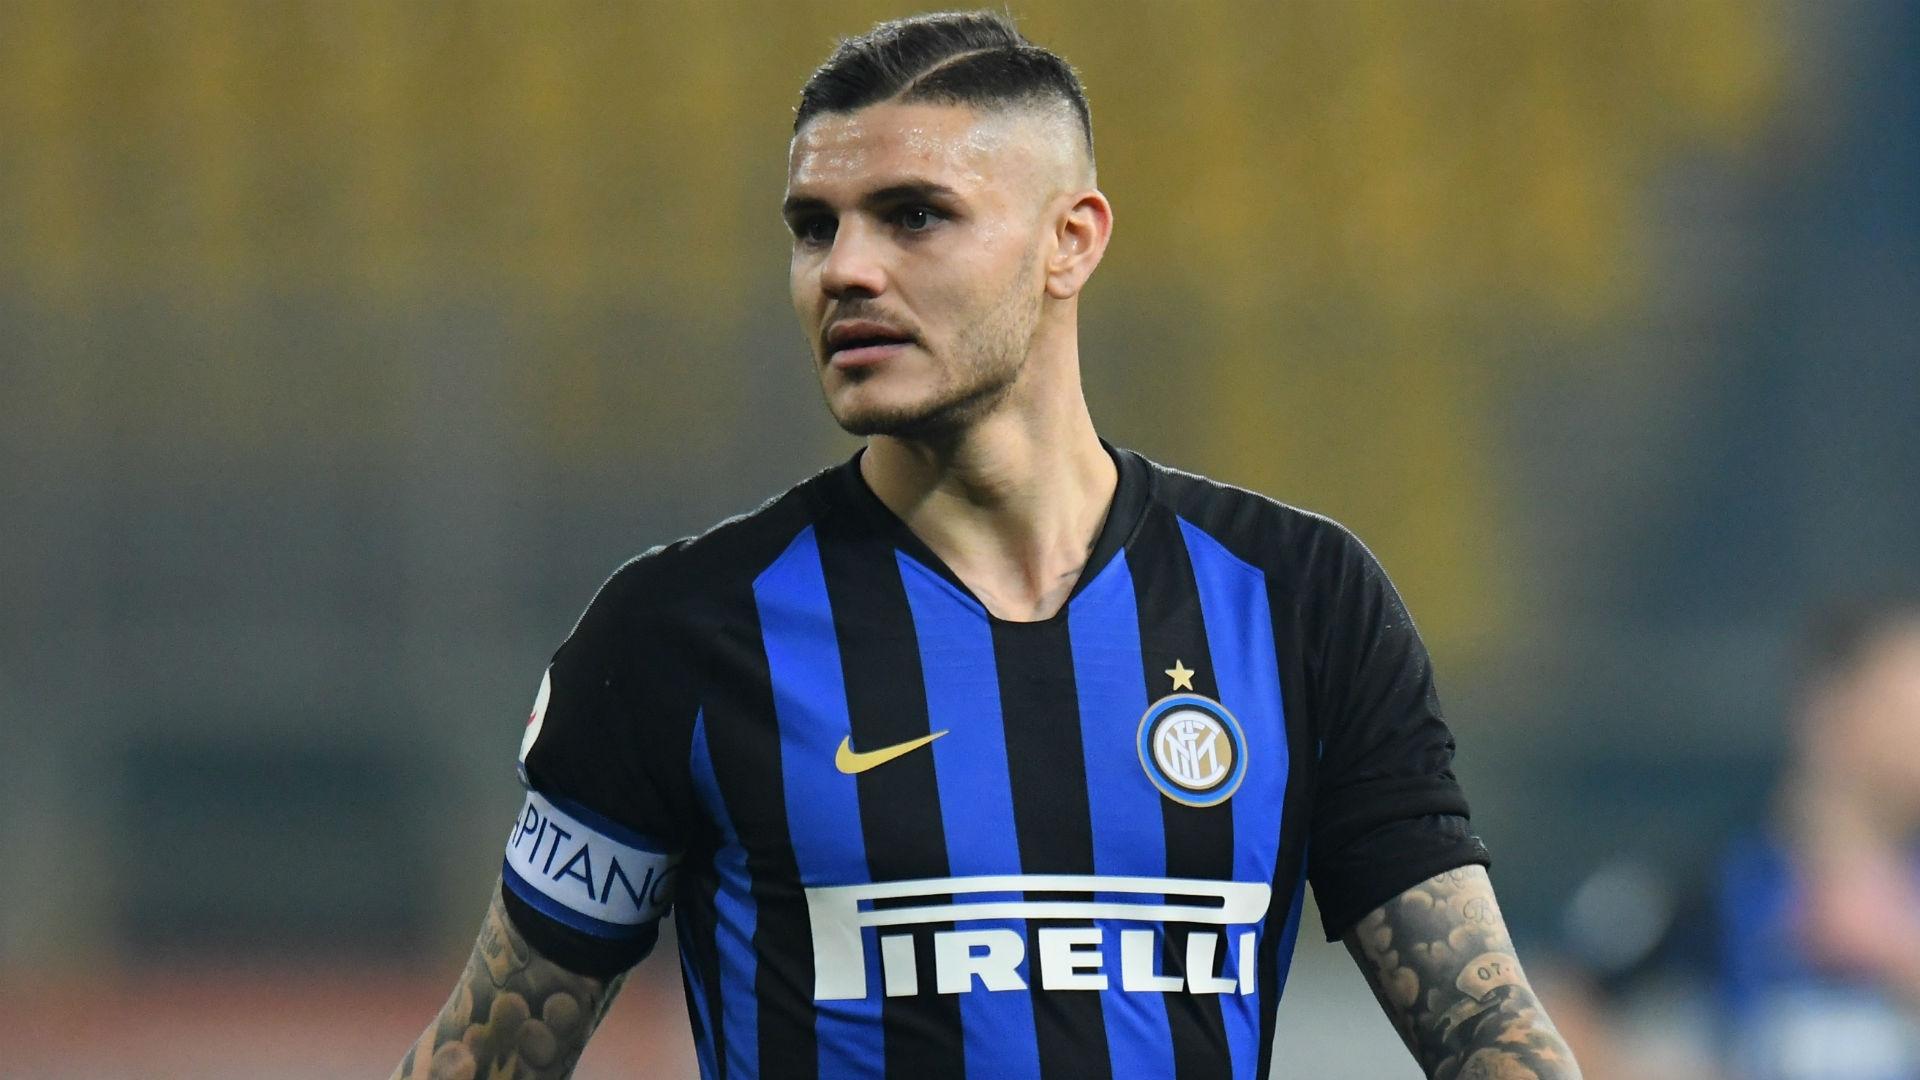 Calciomercato Juve, FcInterNews: 'possibile scambio Icardi-Kean'